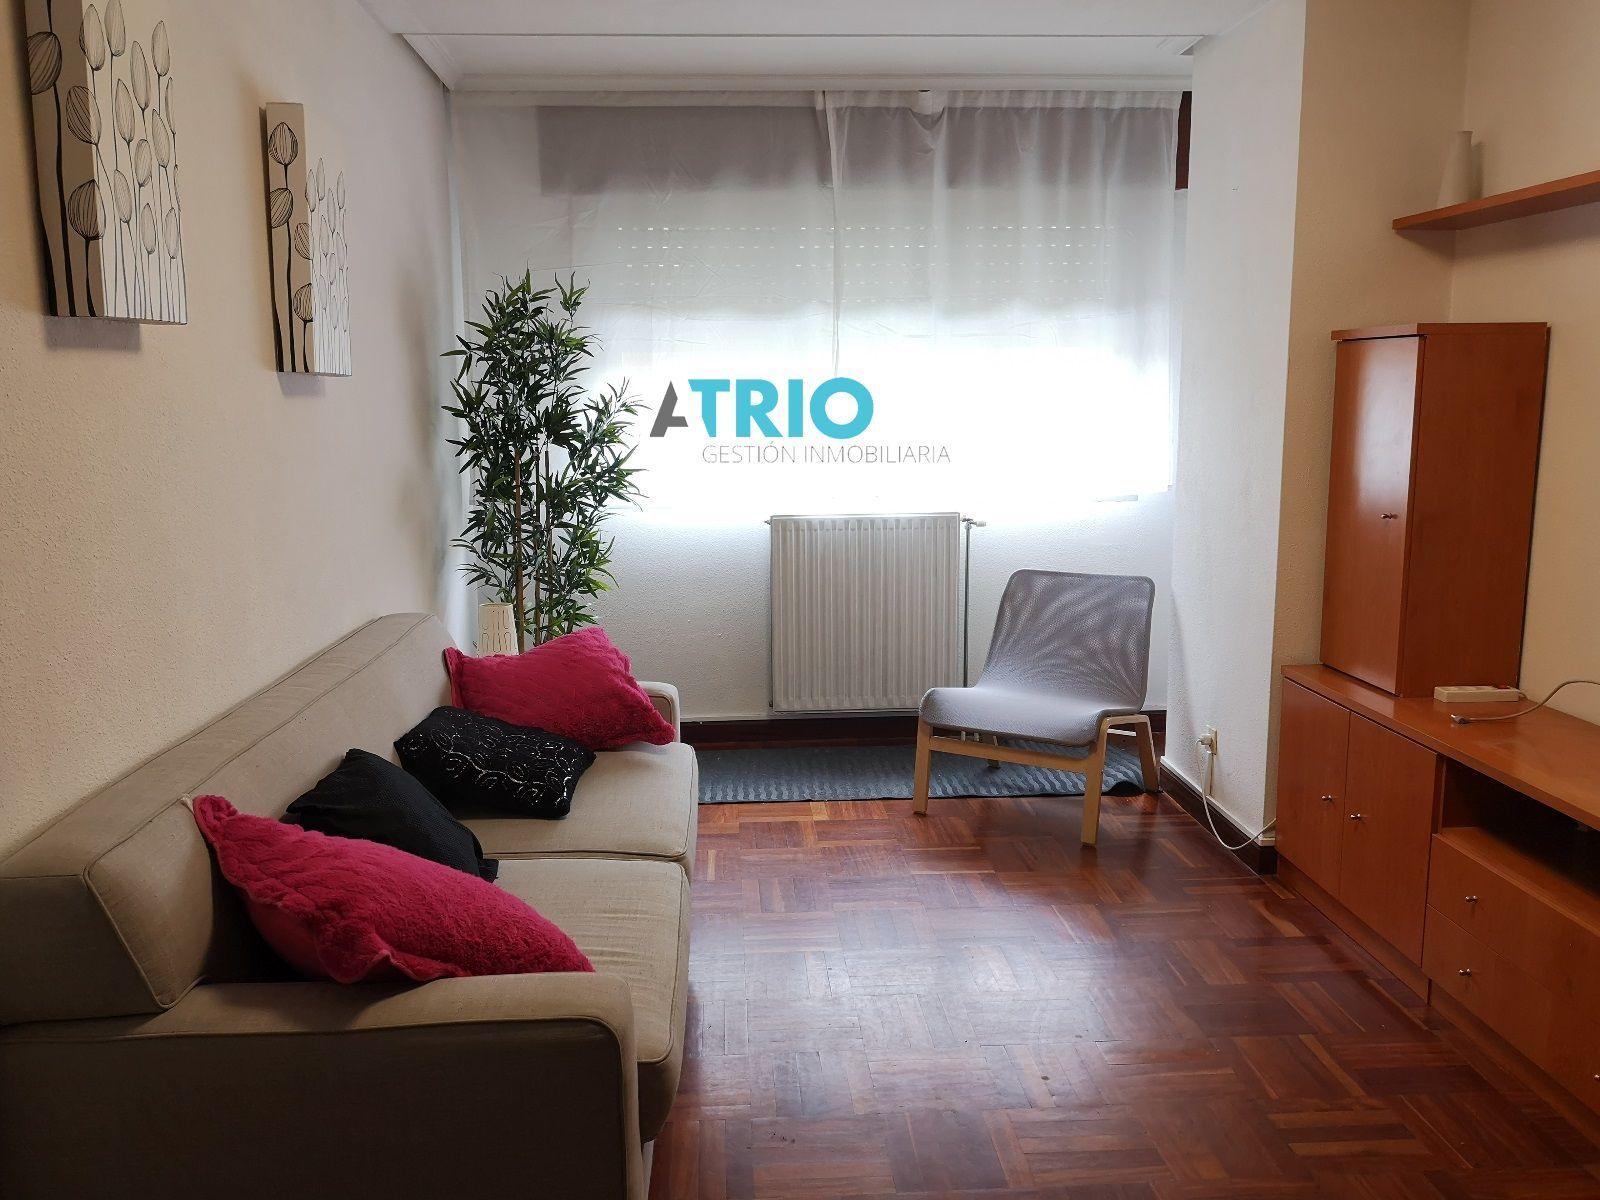 dia.mobiliagestion.es/Portals/inmoatrio/Images/7112/5564178